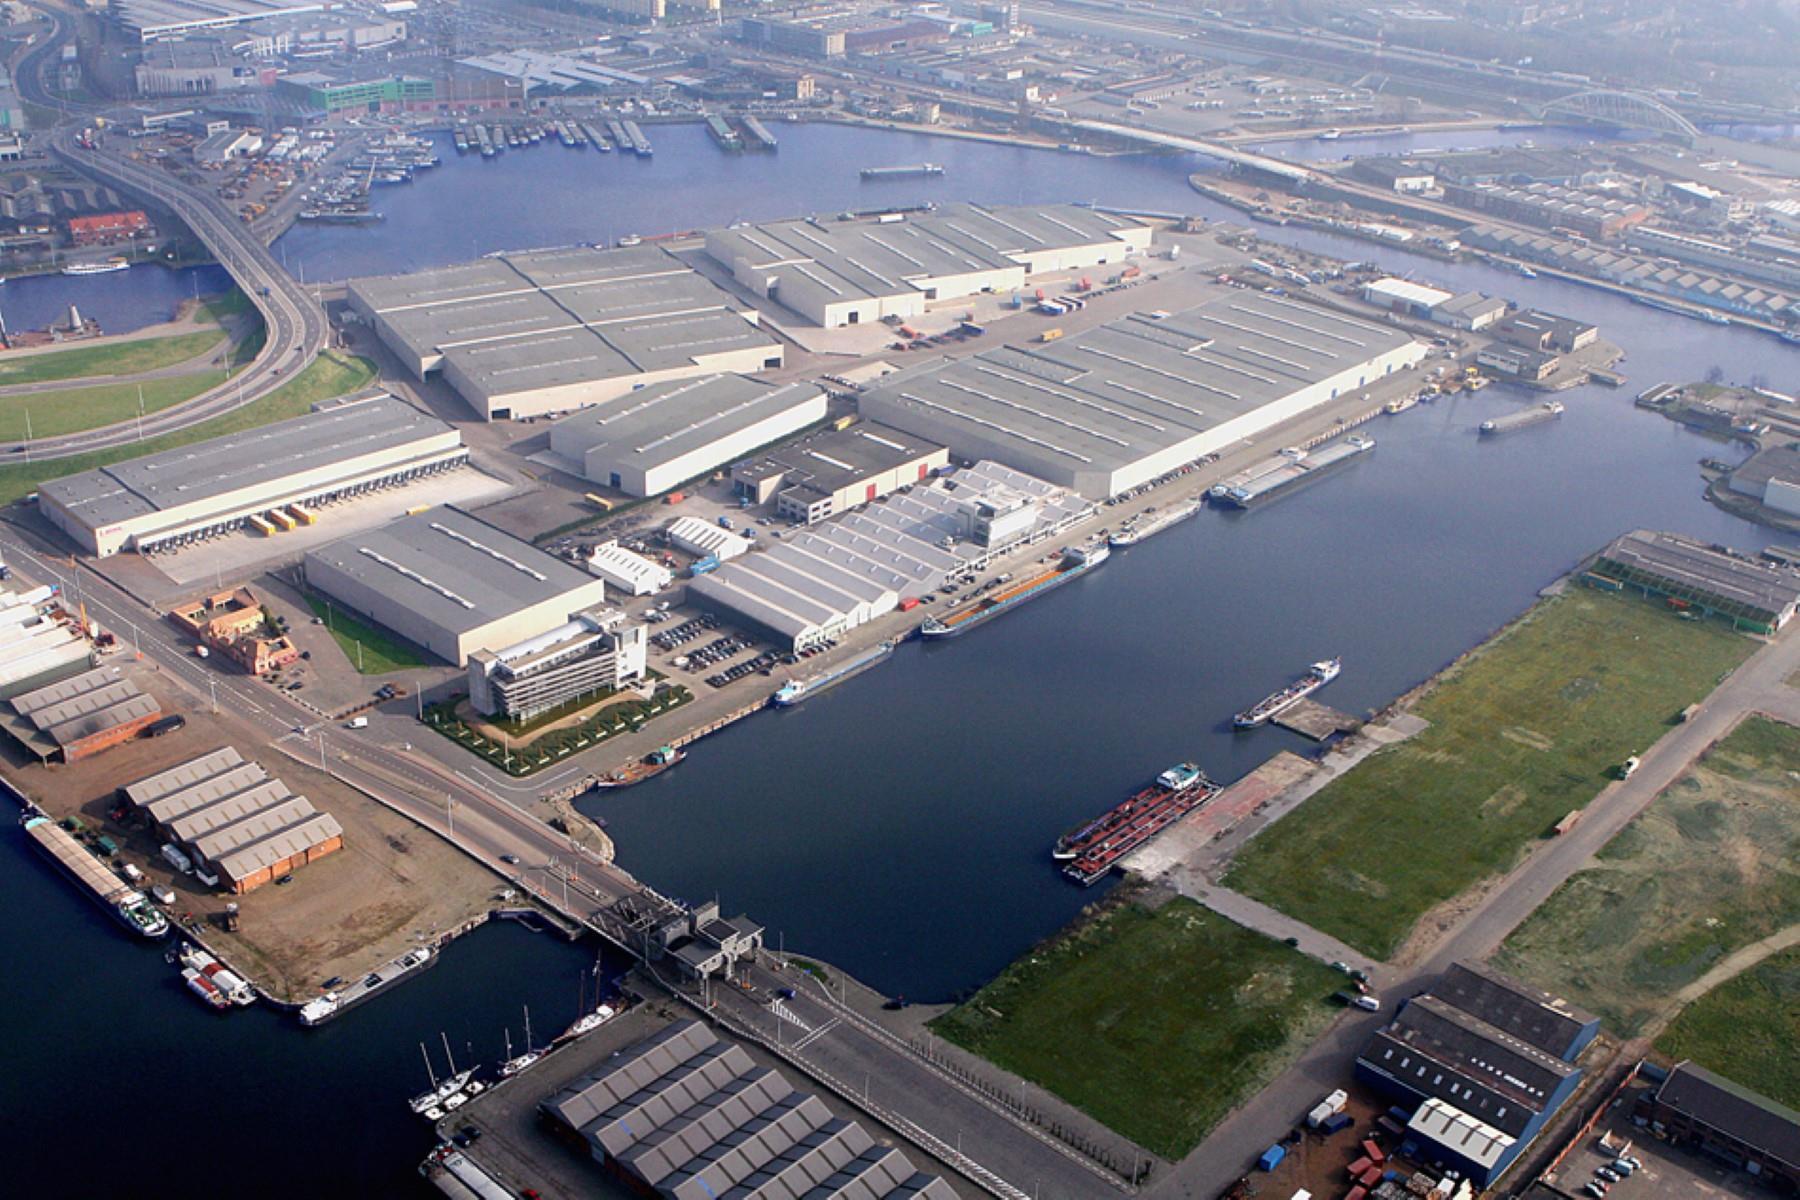 opslagplaats te huur I165 Straatsburgdok Twee/UNIT3 - Straatsburgdok Zuidkaai , 2030 Antwerpen, België 2